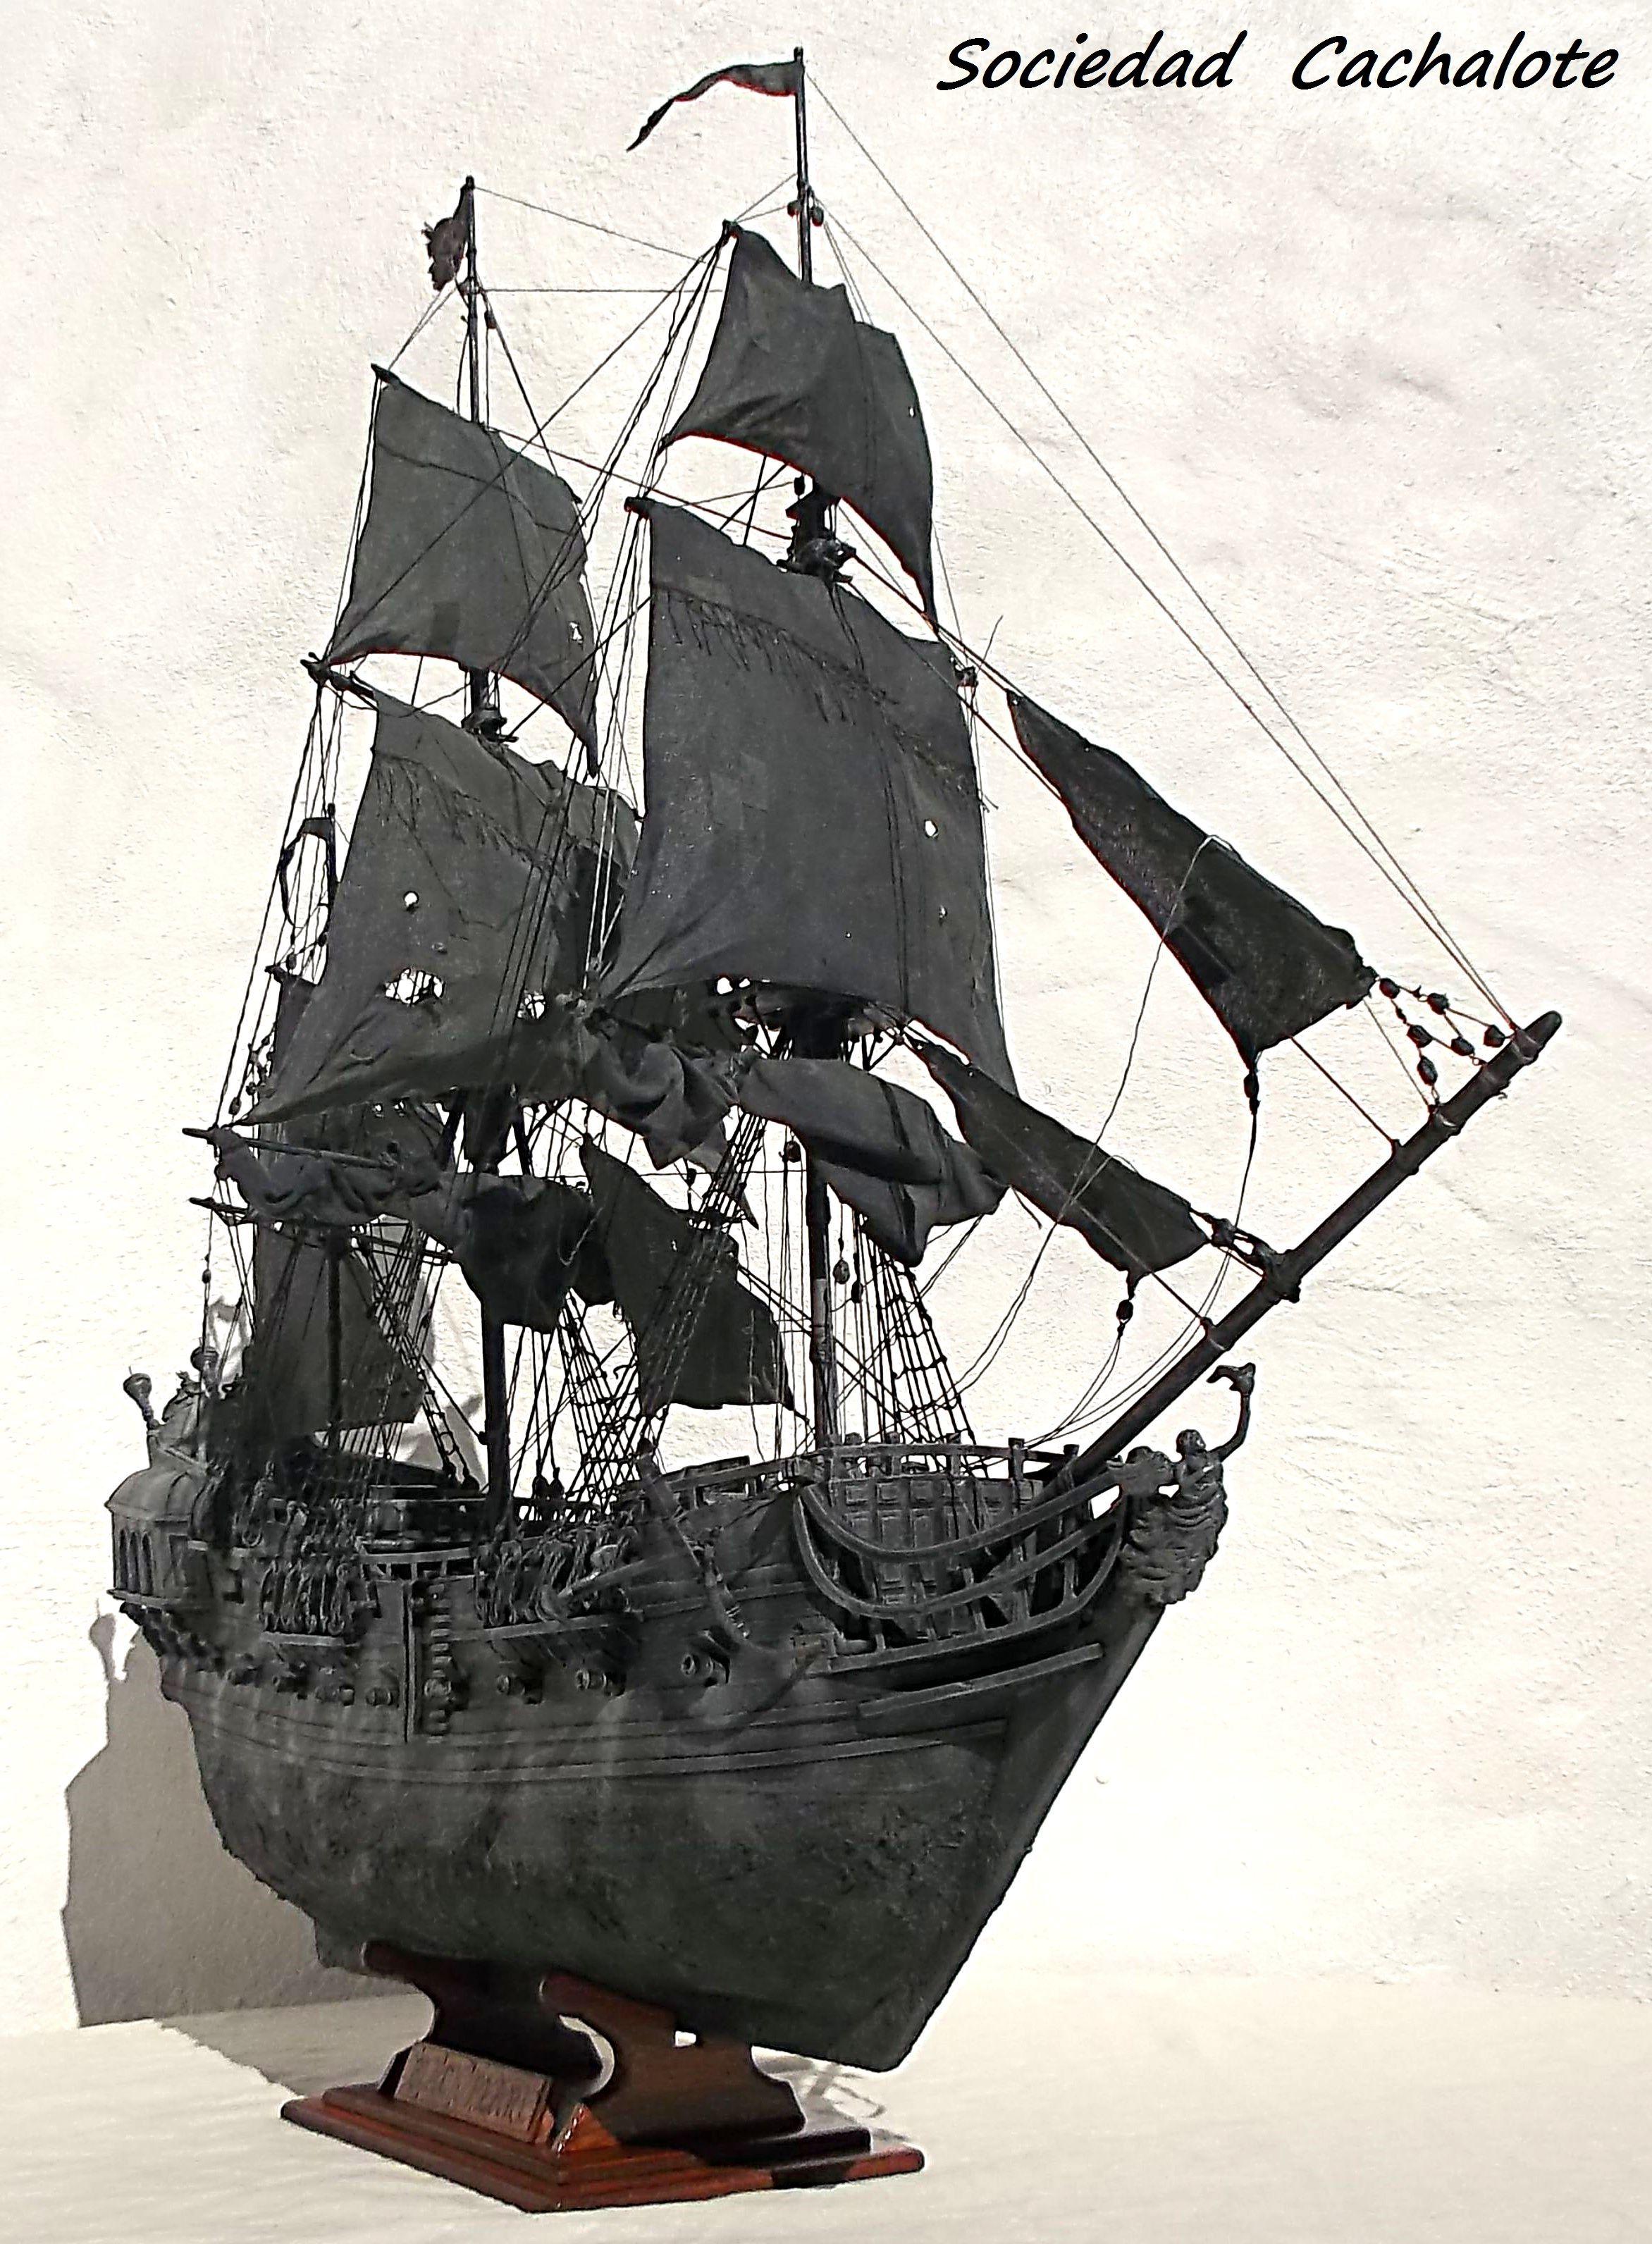 Perla Negra Sociedad Cachalote Black Pearl Ship Model Ships Sailing Ships